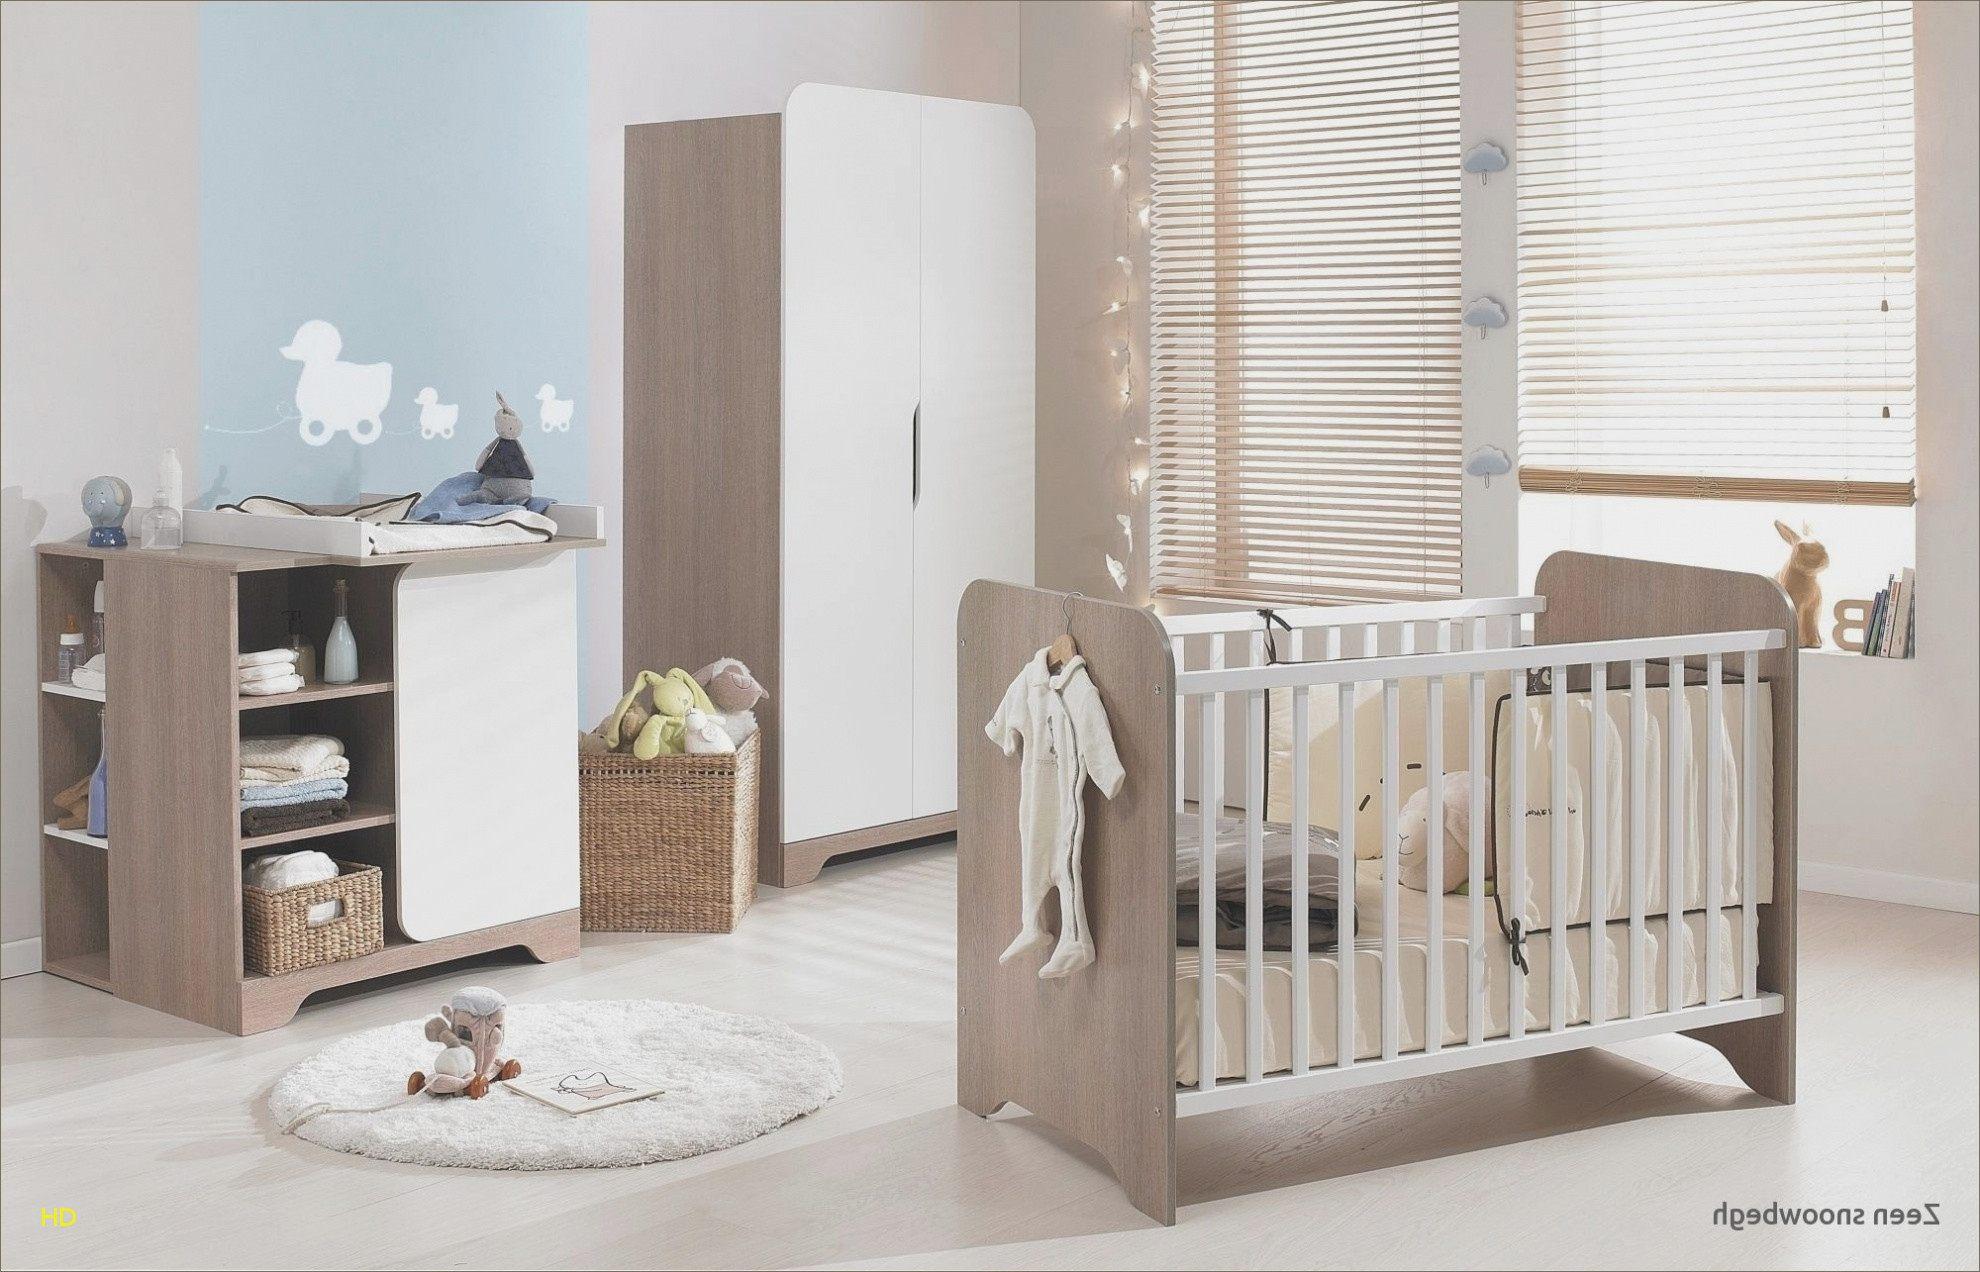 Chambre Bebe Complete Avec Lit Evolutif Belle Beau Ameublement Chambre Enfant Avec Chambre Bébé Bois Massif Lit